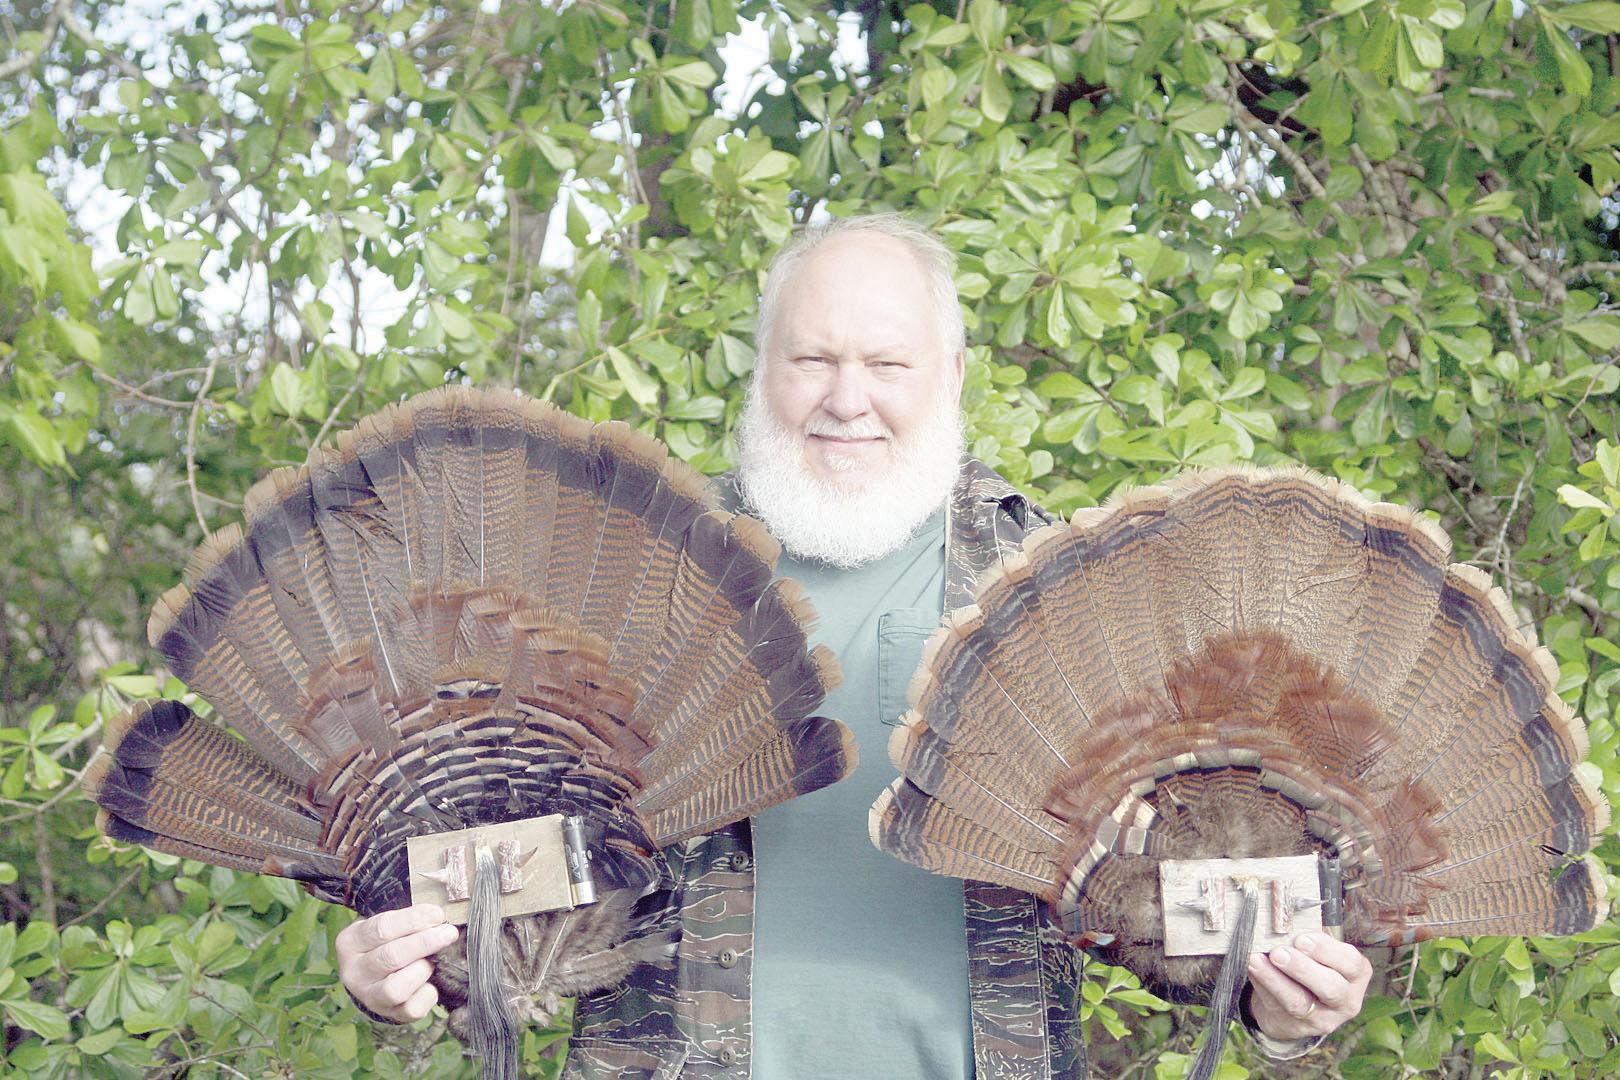 Turkey hunter Ricky Blake